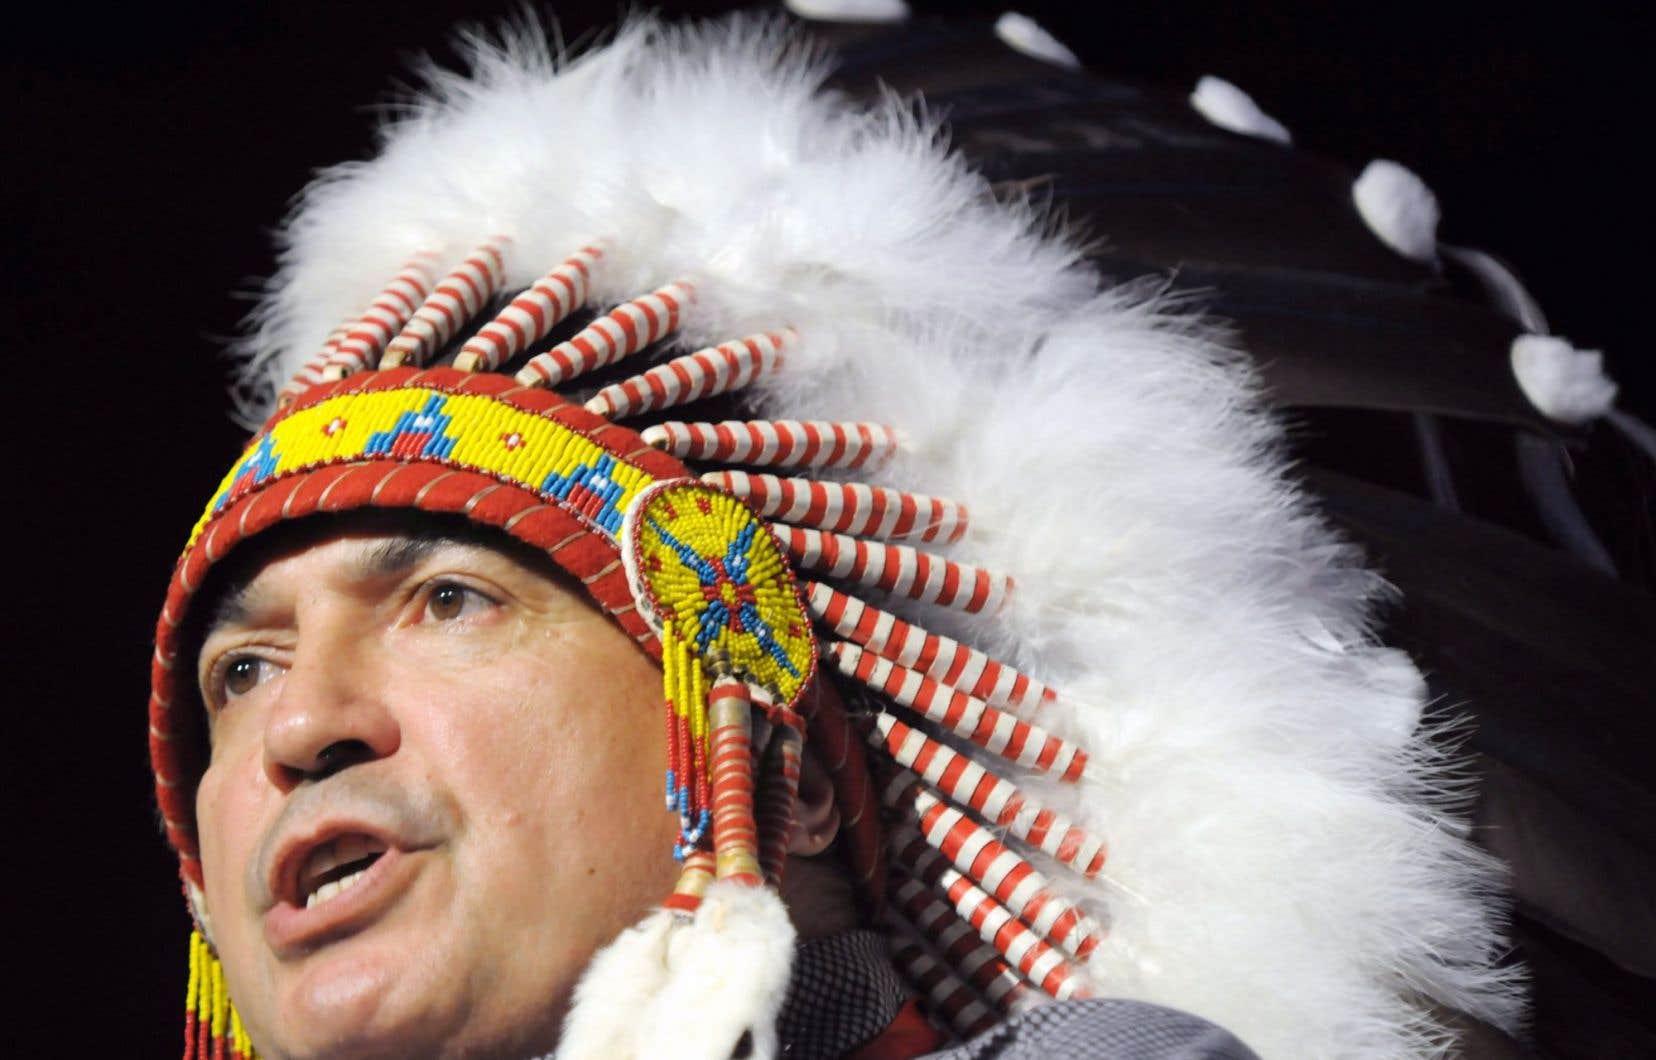 Le chef de l'Assemblée des Premières Nations, Perry Bellegarde, soutient que les autochtones doivent collaborer avec les autres Canadiens pour trouver des solutions à la discrimination.